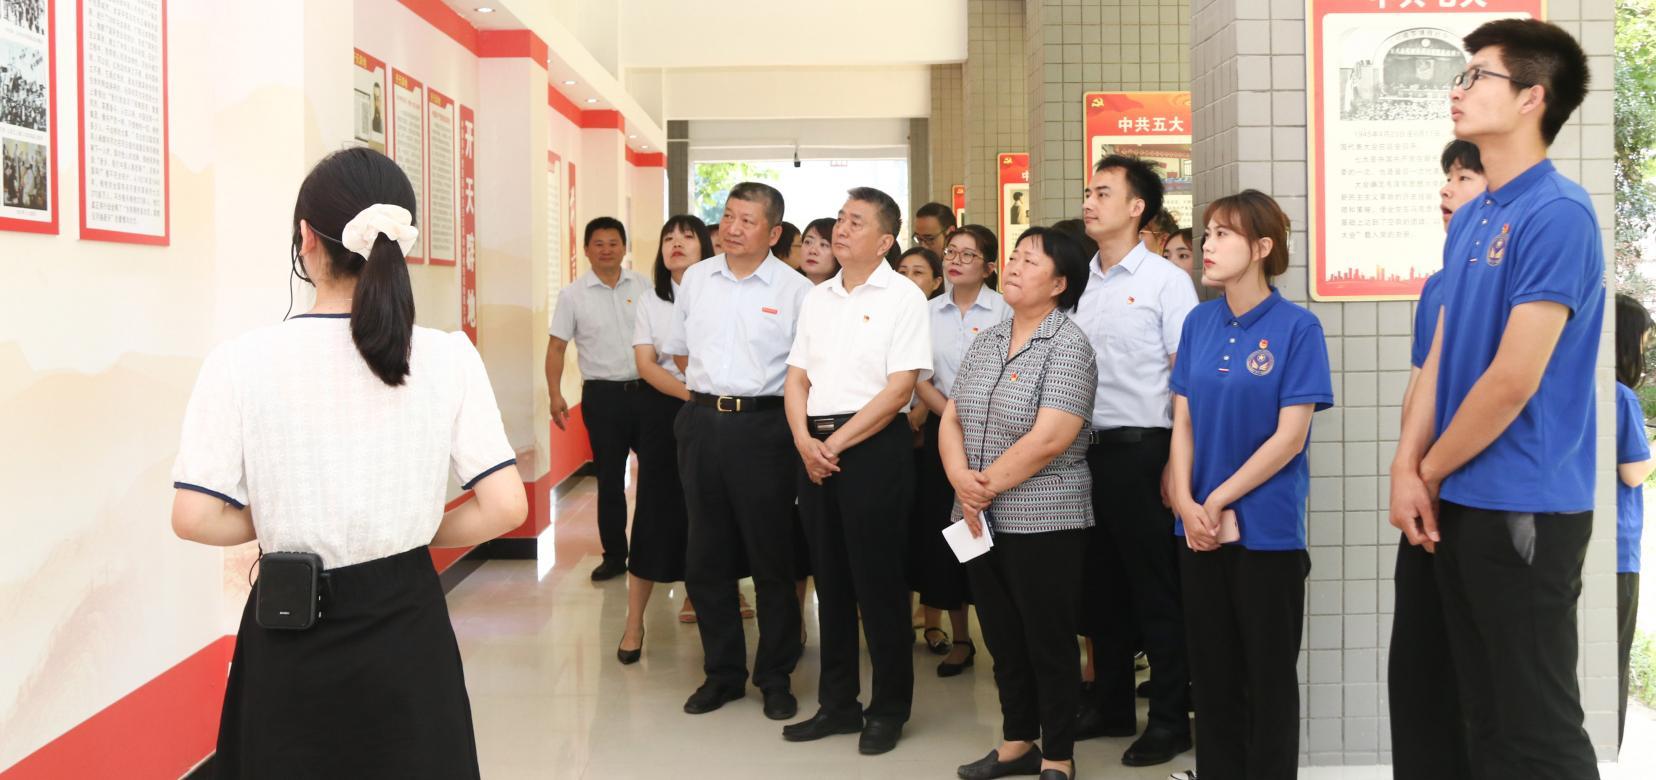 """郑州财经学院党史学习教育""""红色长廊""""建成 打造师生身边的红色教育阵地"""